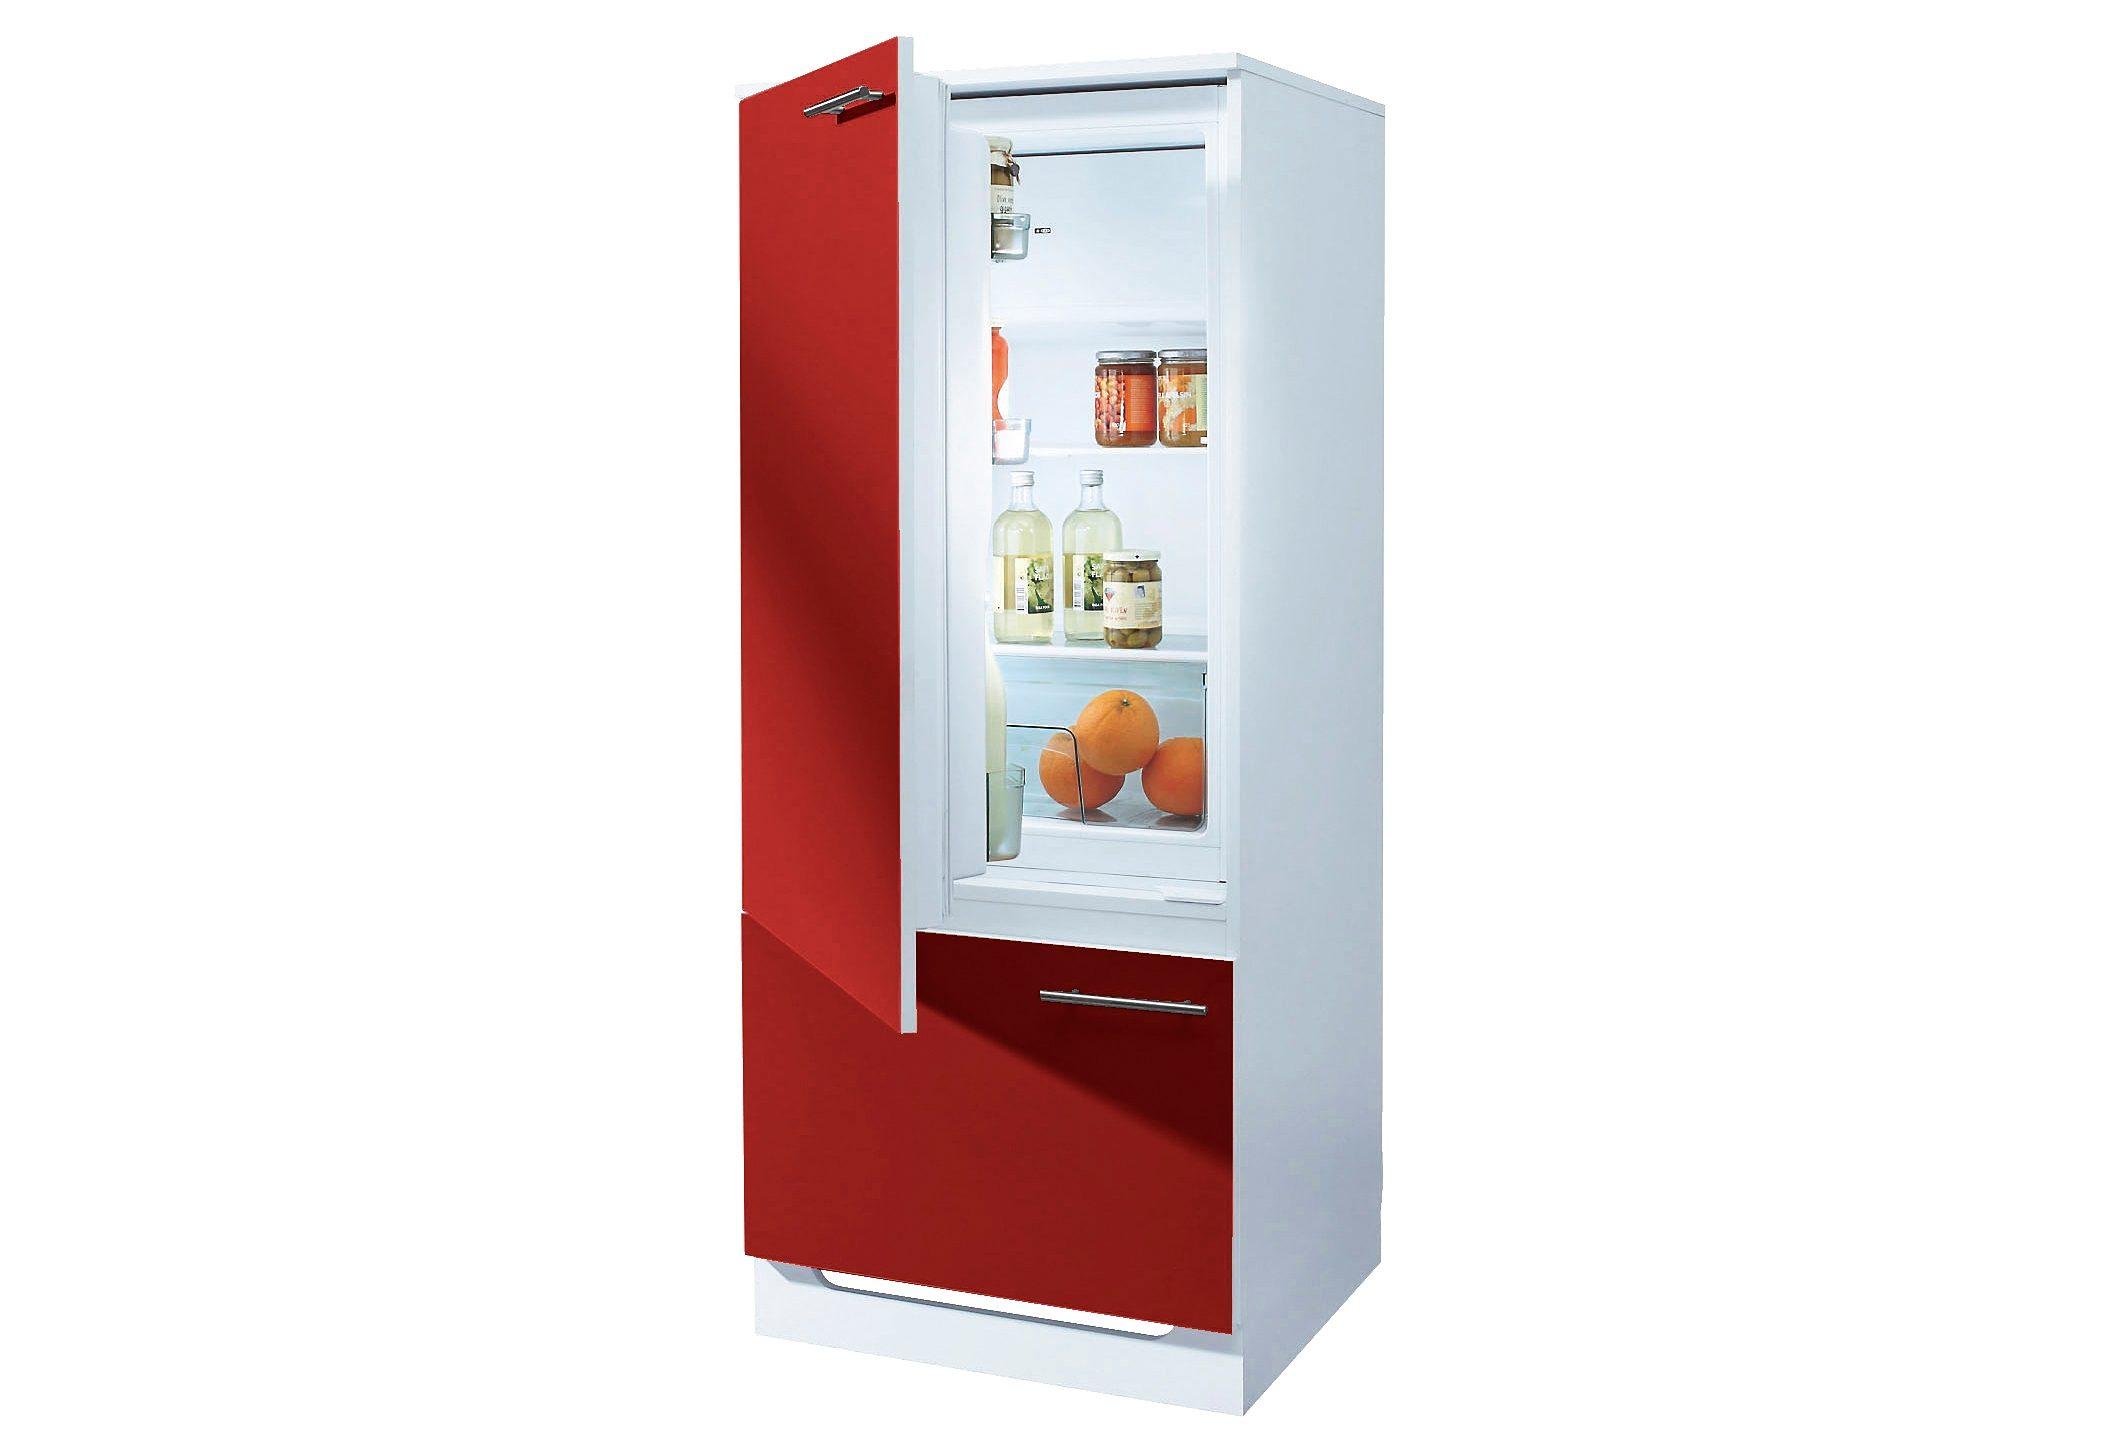 Kühlschrank Daddy Cool : Edelstahl kühlschrank preisvergleich u die besten angebote online